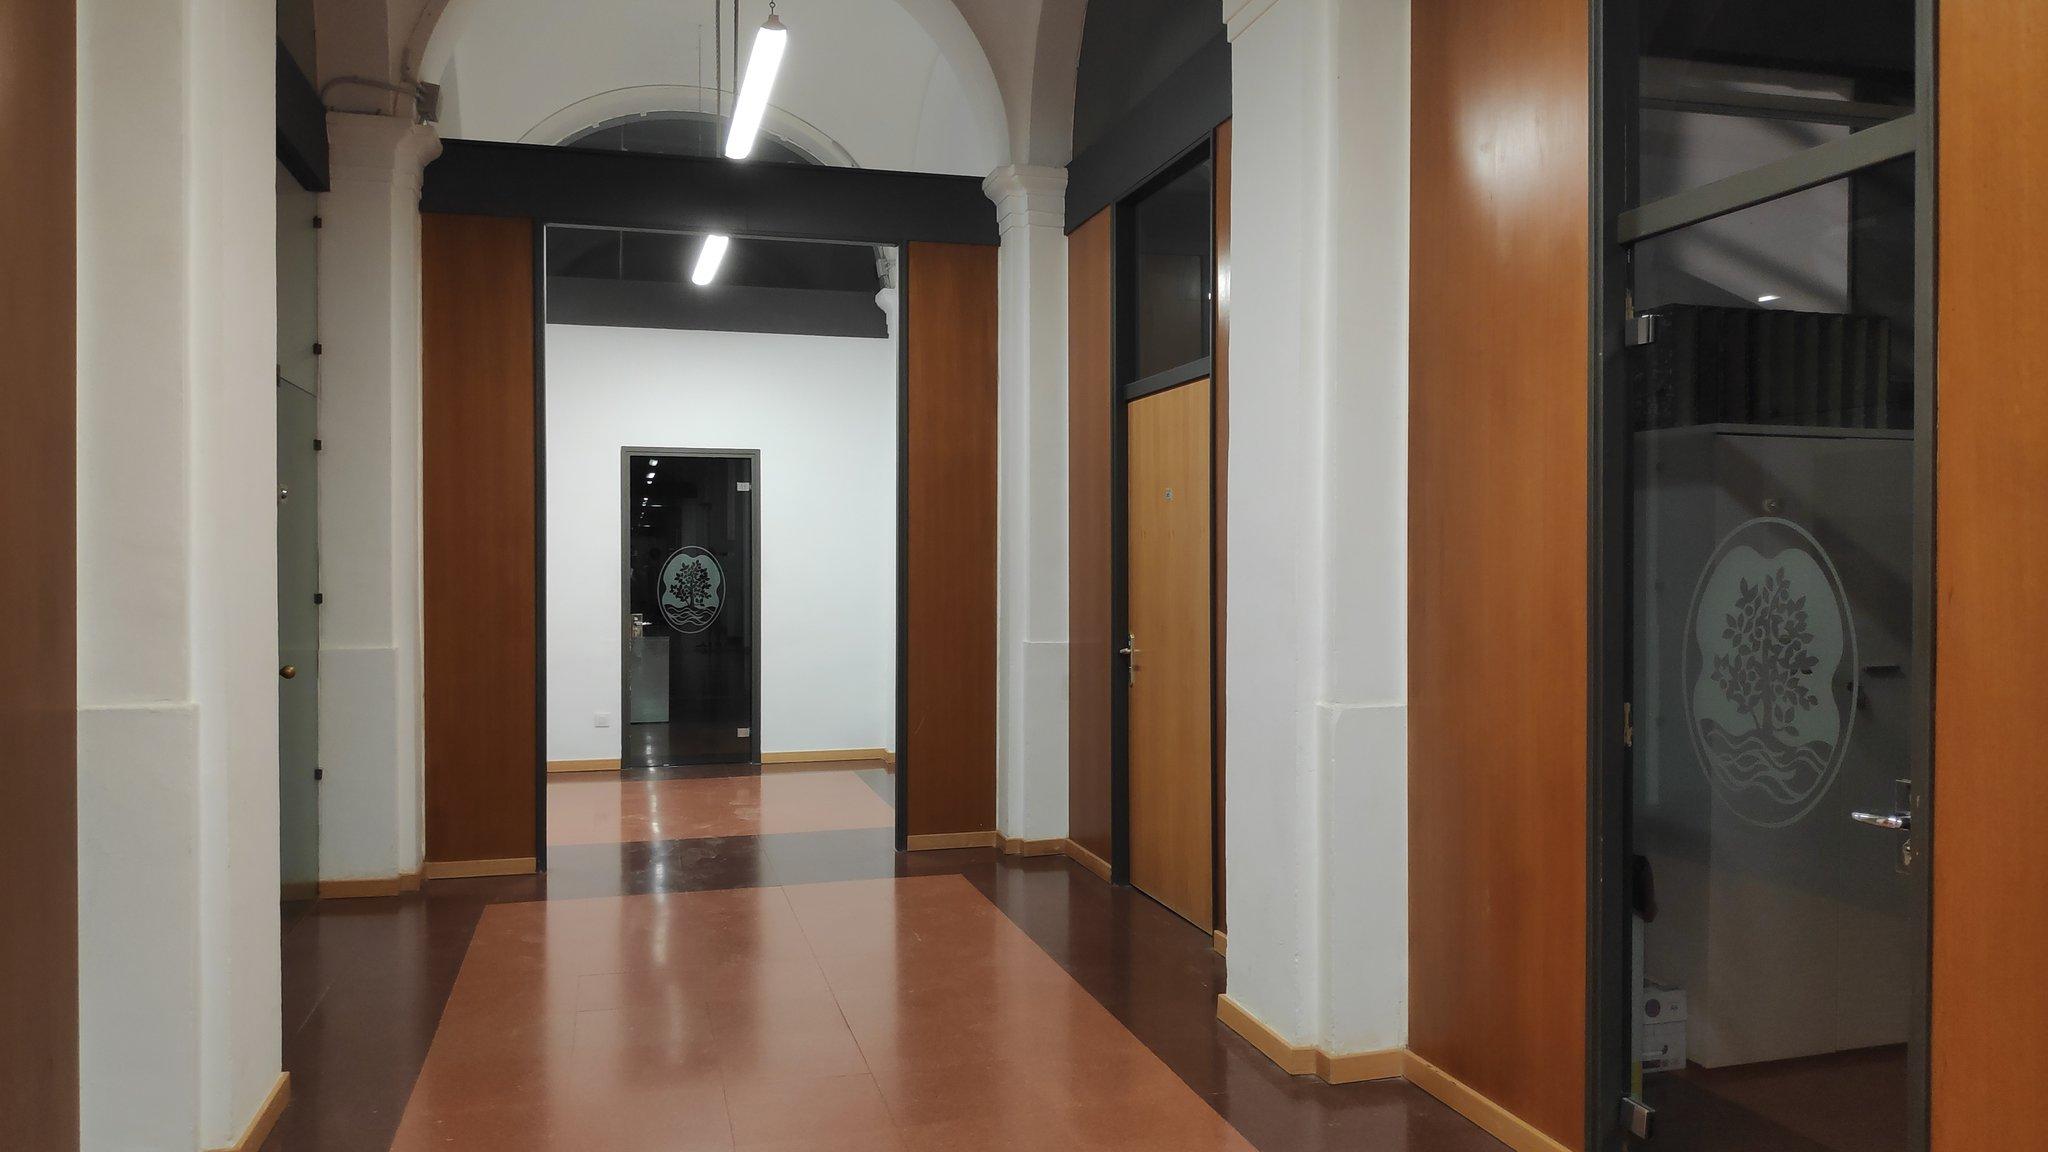 Pasillos del interior de la casa Xifré. Crédito: Sombras en la noche